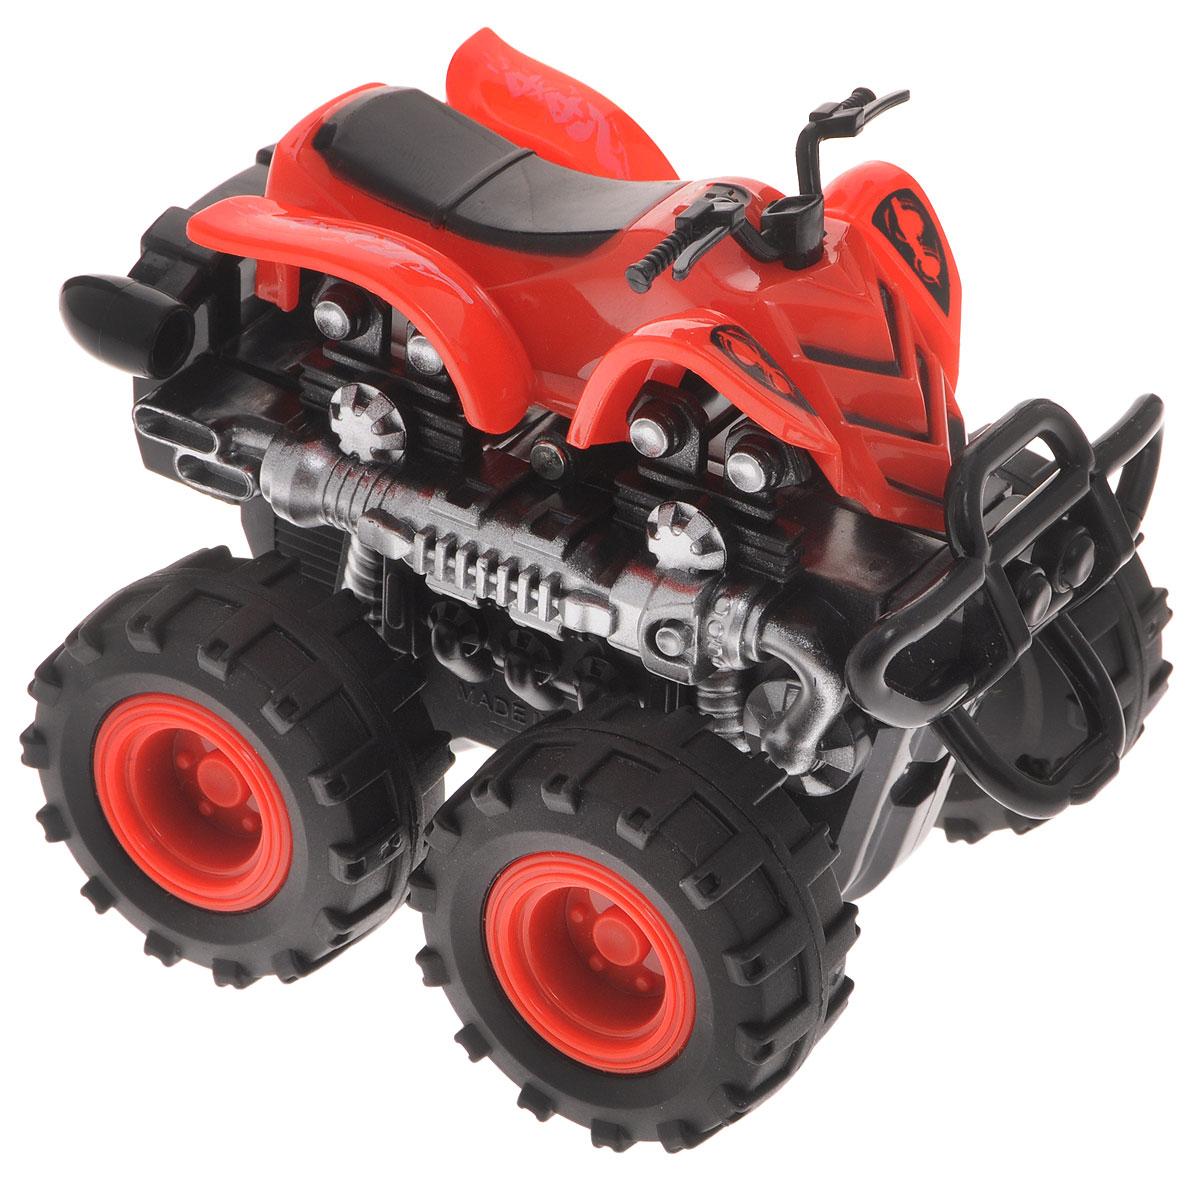 Big Motors Квадроцикл инерционный 4 WD цвет красный806B_красныйКвадроцикл инерционный Big Motors 4WD станет любимой игрушкой вашего малыша. Игрушка представляет собой мощный квадроцикл с большими колесами. Машинка оснащена инерционным механизмом. Достаточно немного подтолкнуть машинку вперед или назад, а затем отпустить, и она сама поедет в ту же сторону. Ваш ребенок будет увлеченно играть с этим квадроциклом, придумывая различные истории. Порадуйте его таким замечательным подарком!